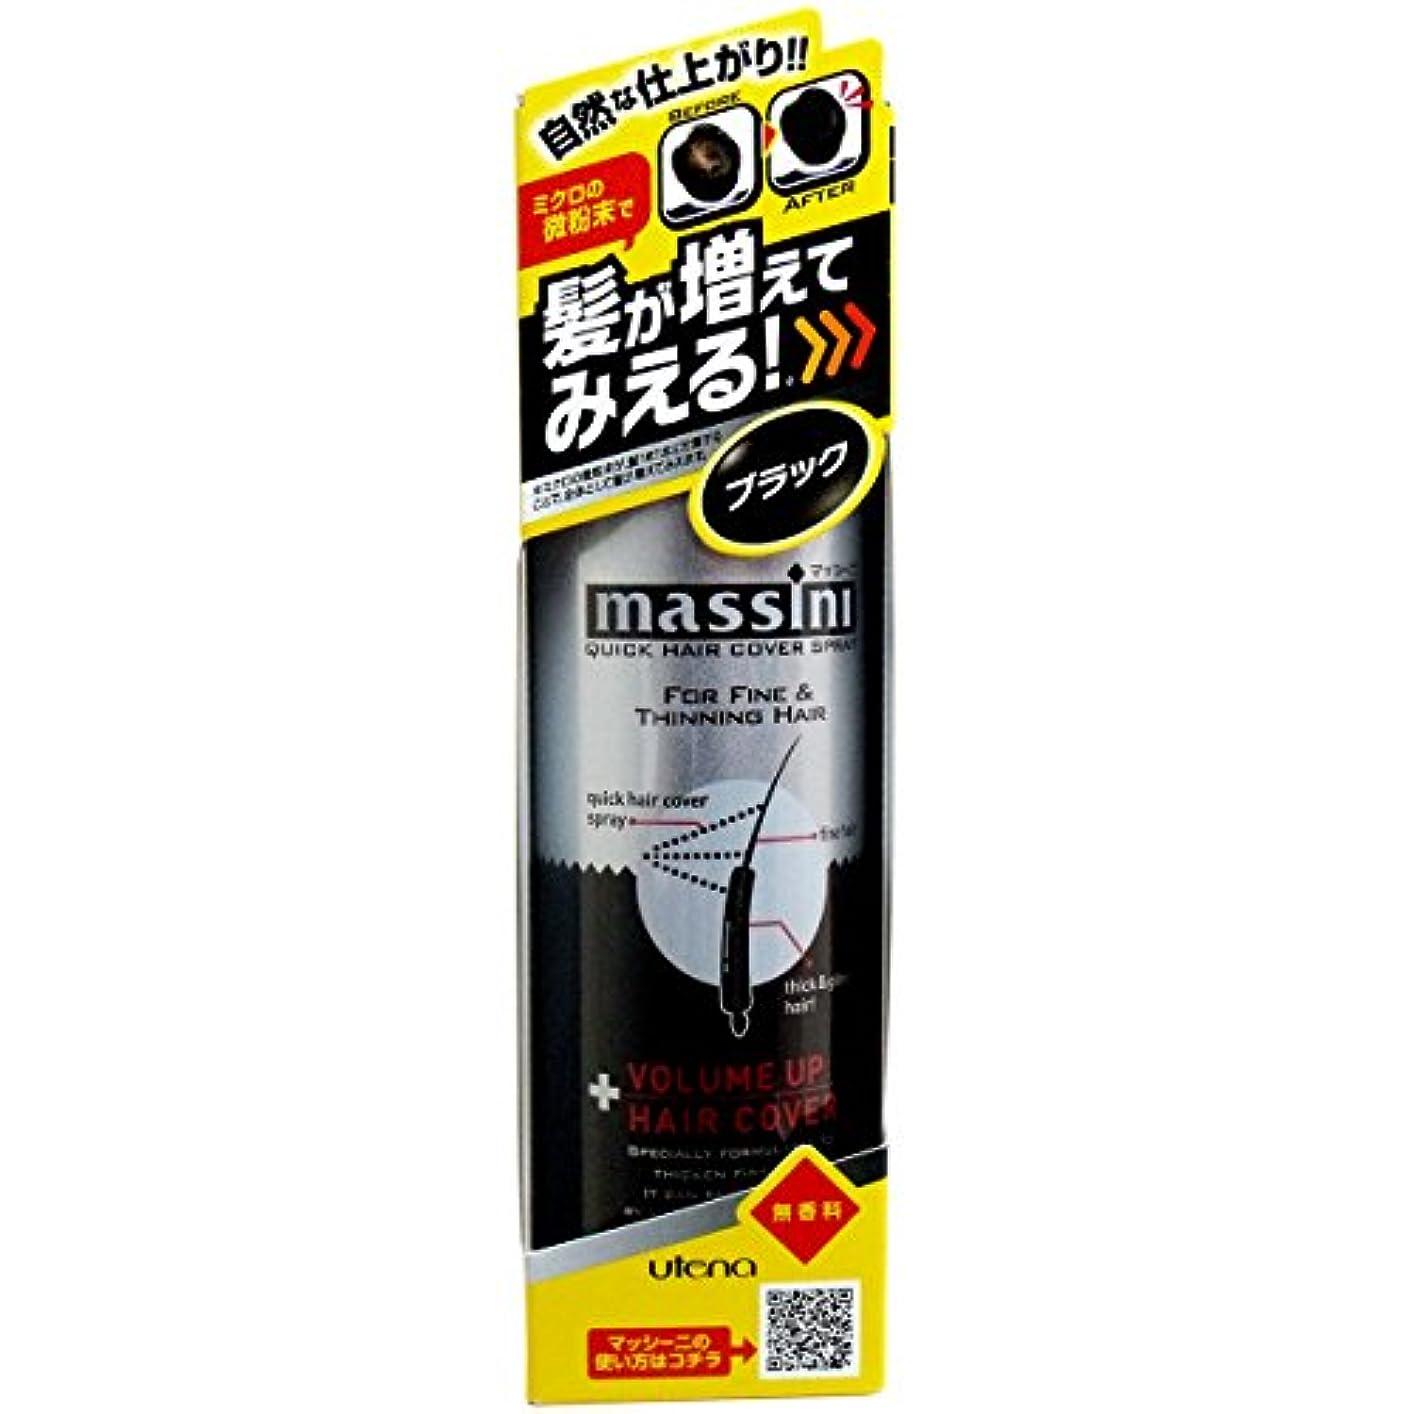 ジャンプピザ細分化する【ウテナ】マッシーニ クィックヘアカバースプレー(ブラック) 140g ×3個セット